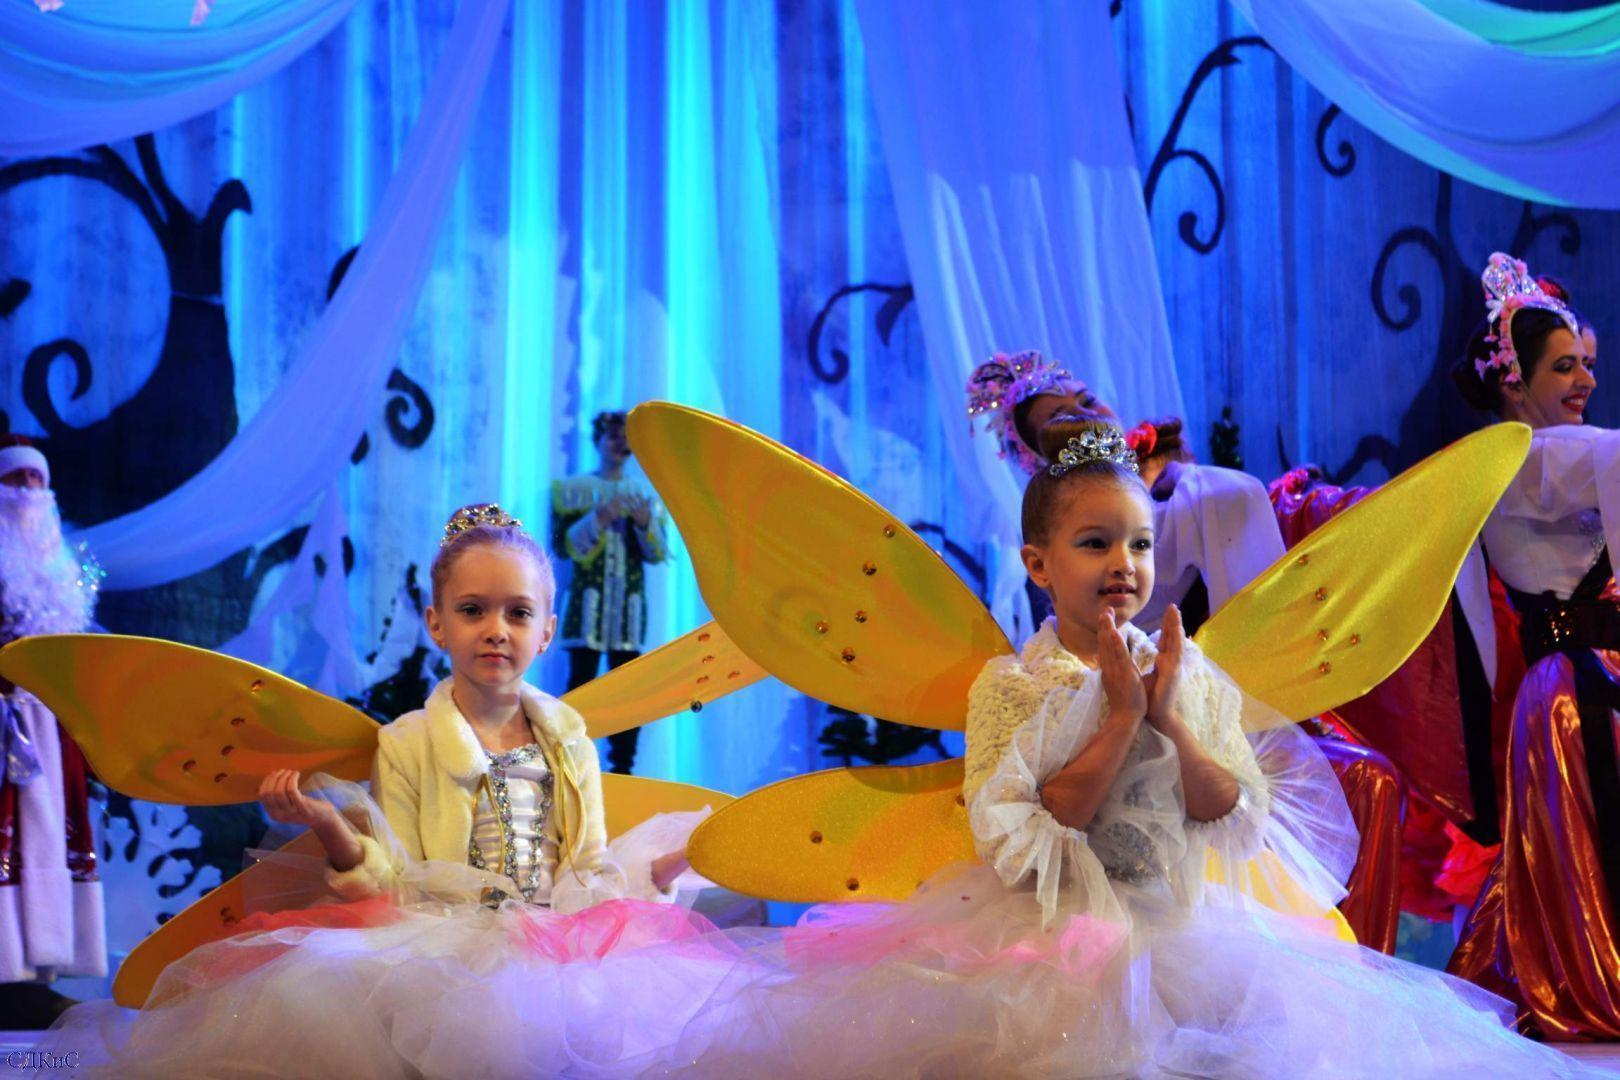 В Ставрополе впервые представят телепремьеру музыкальной сказки «12 месяцев»